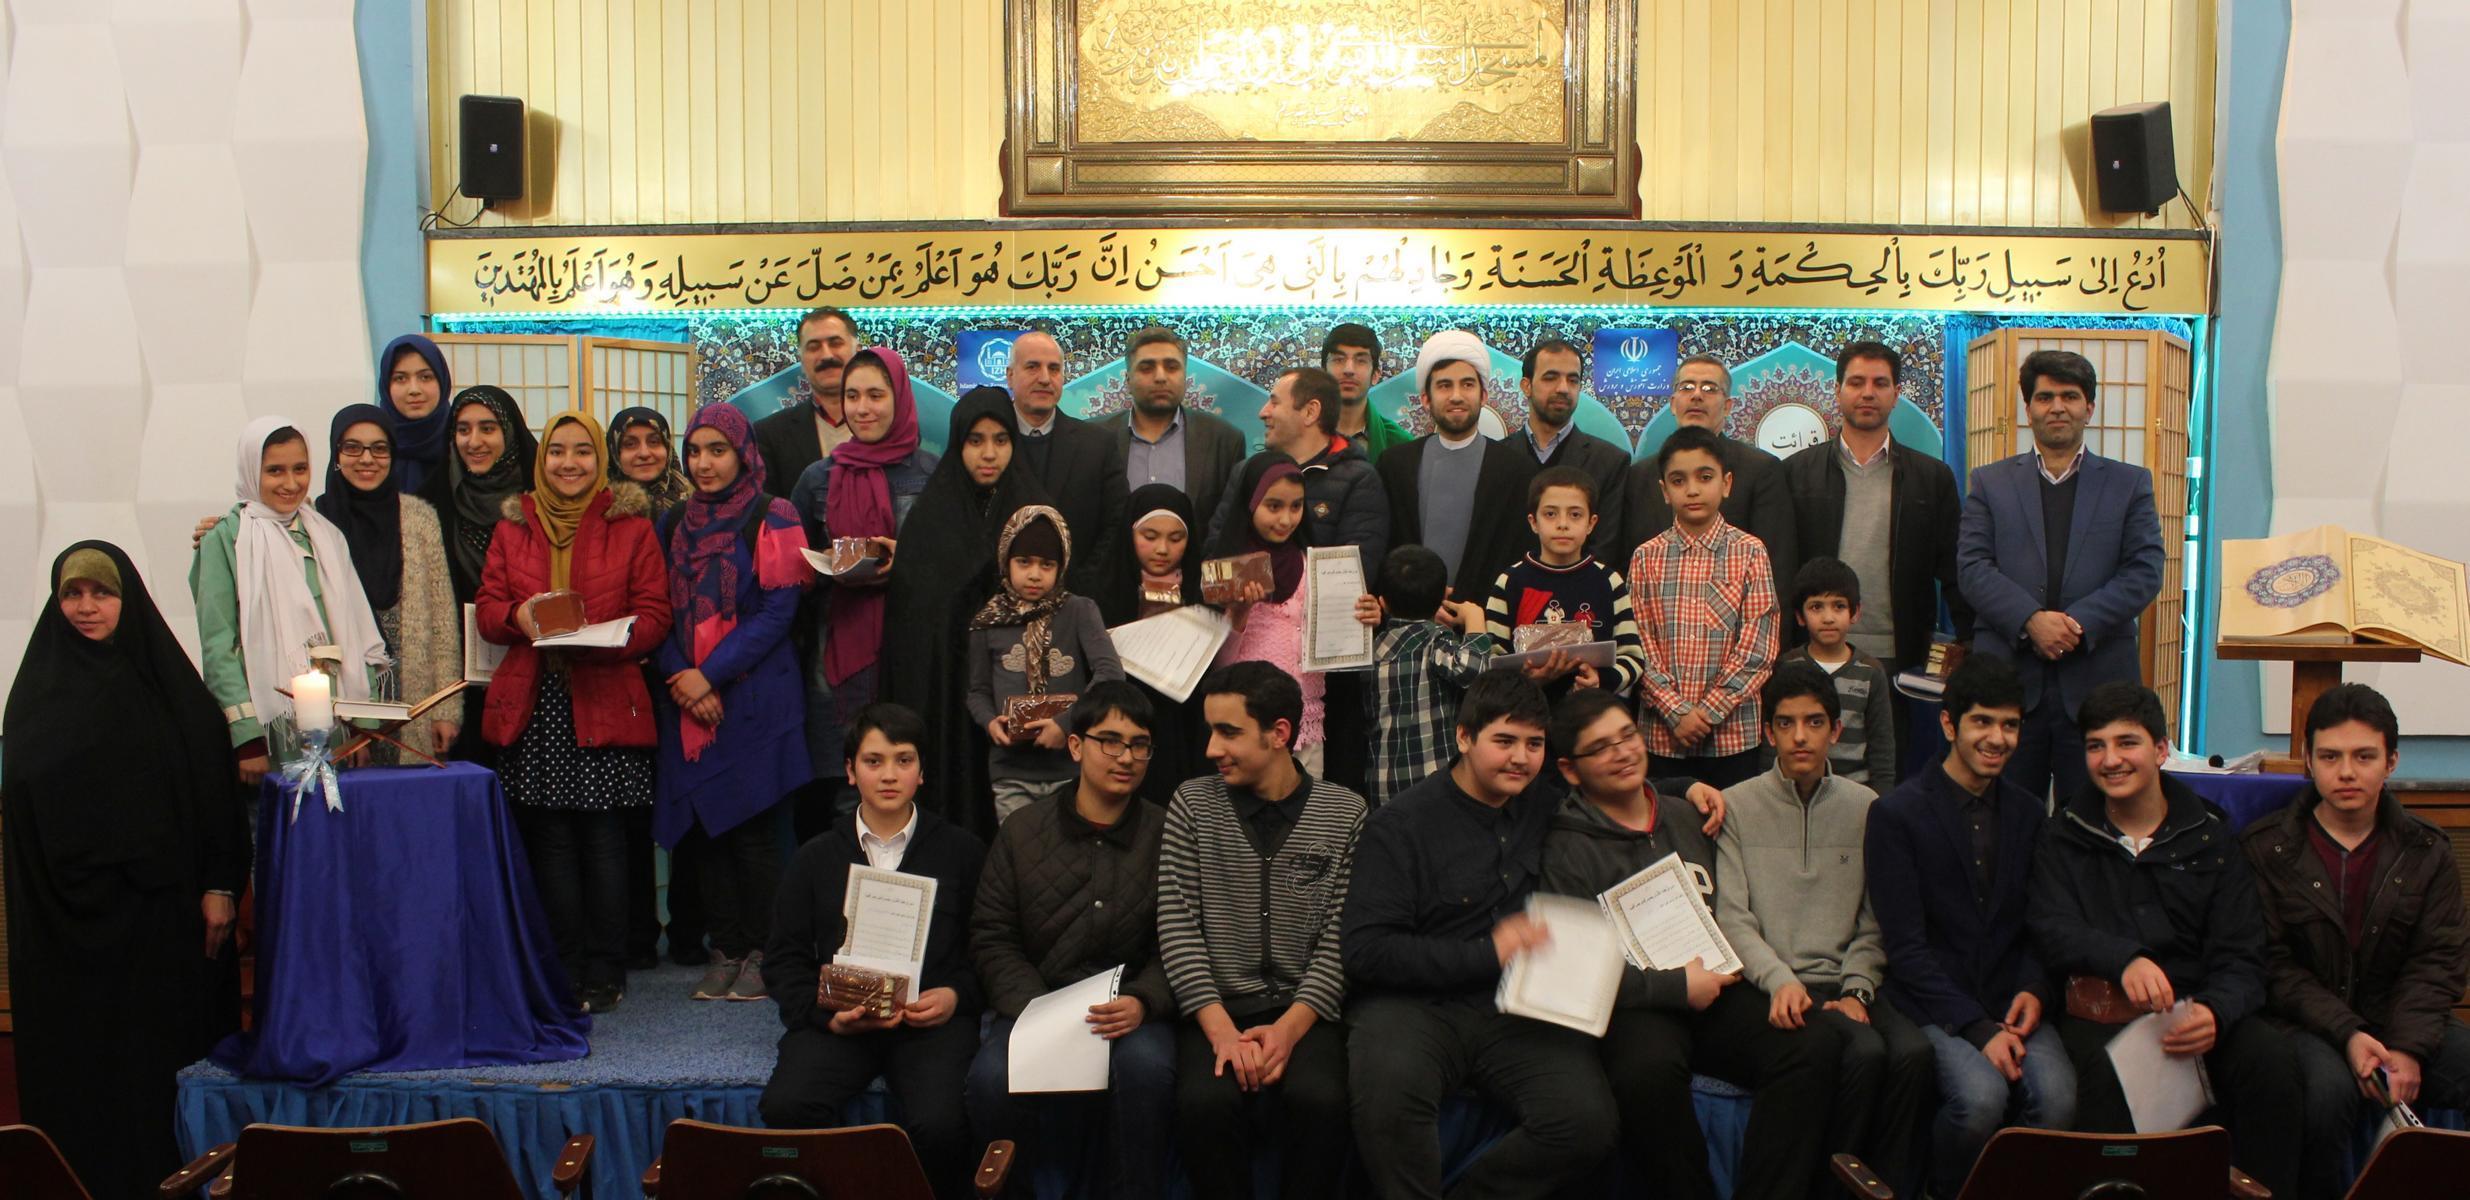 اولین دوره مسابقات قرآن دانش آموزان ایرانی مقیم اروپا